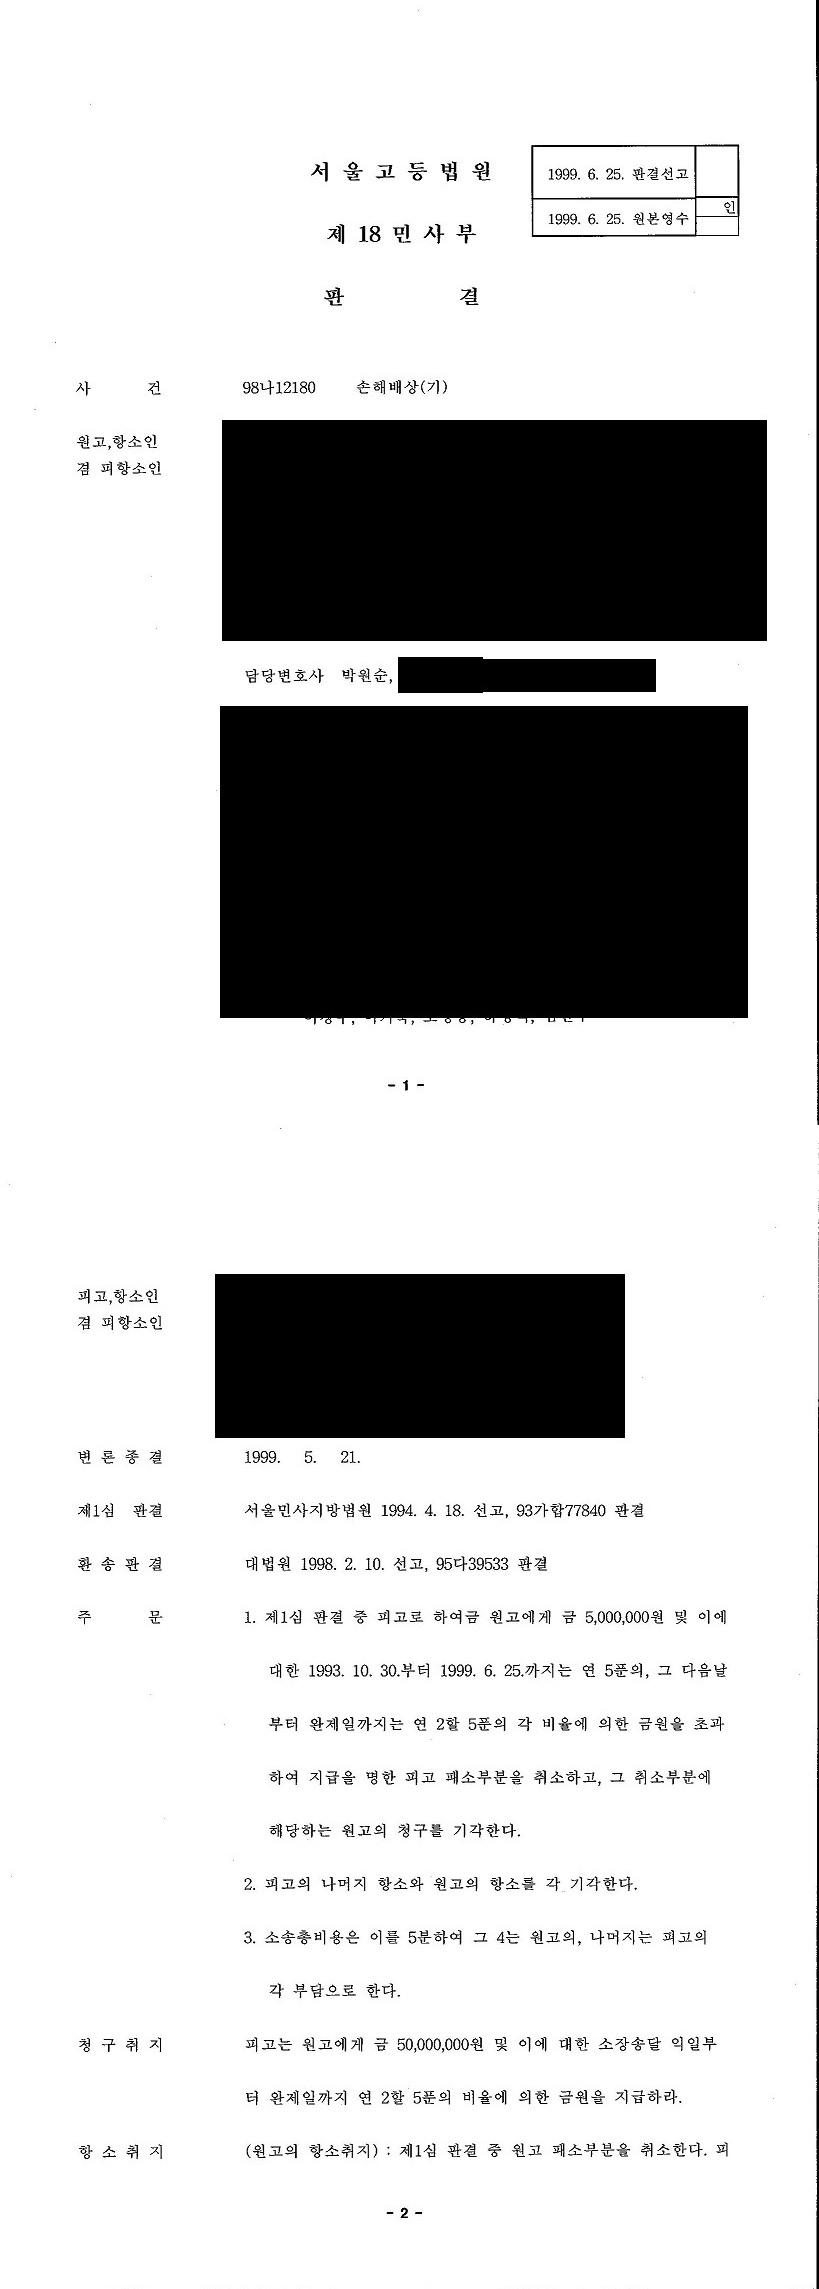 (미투특집) 우조교 성희롱 사건 최종판결문